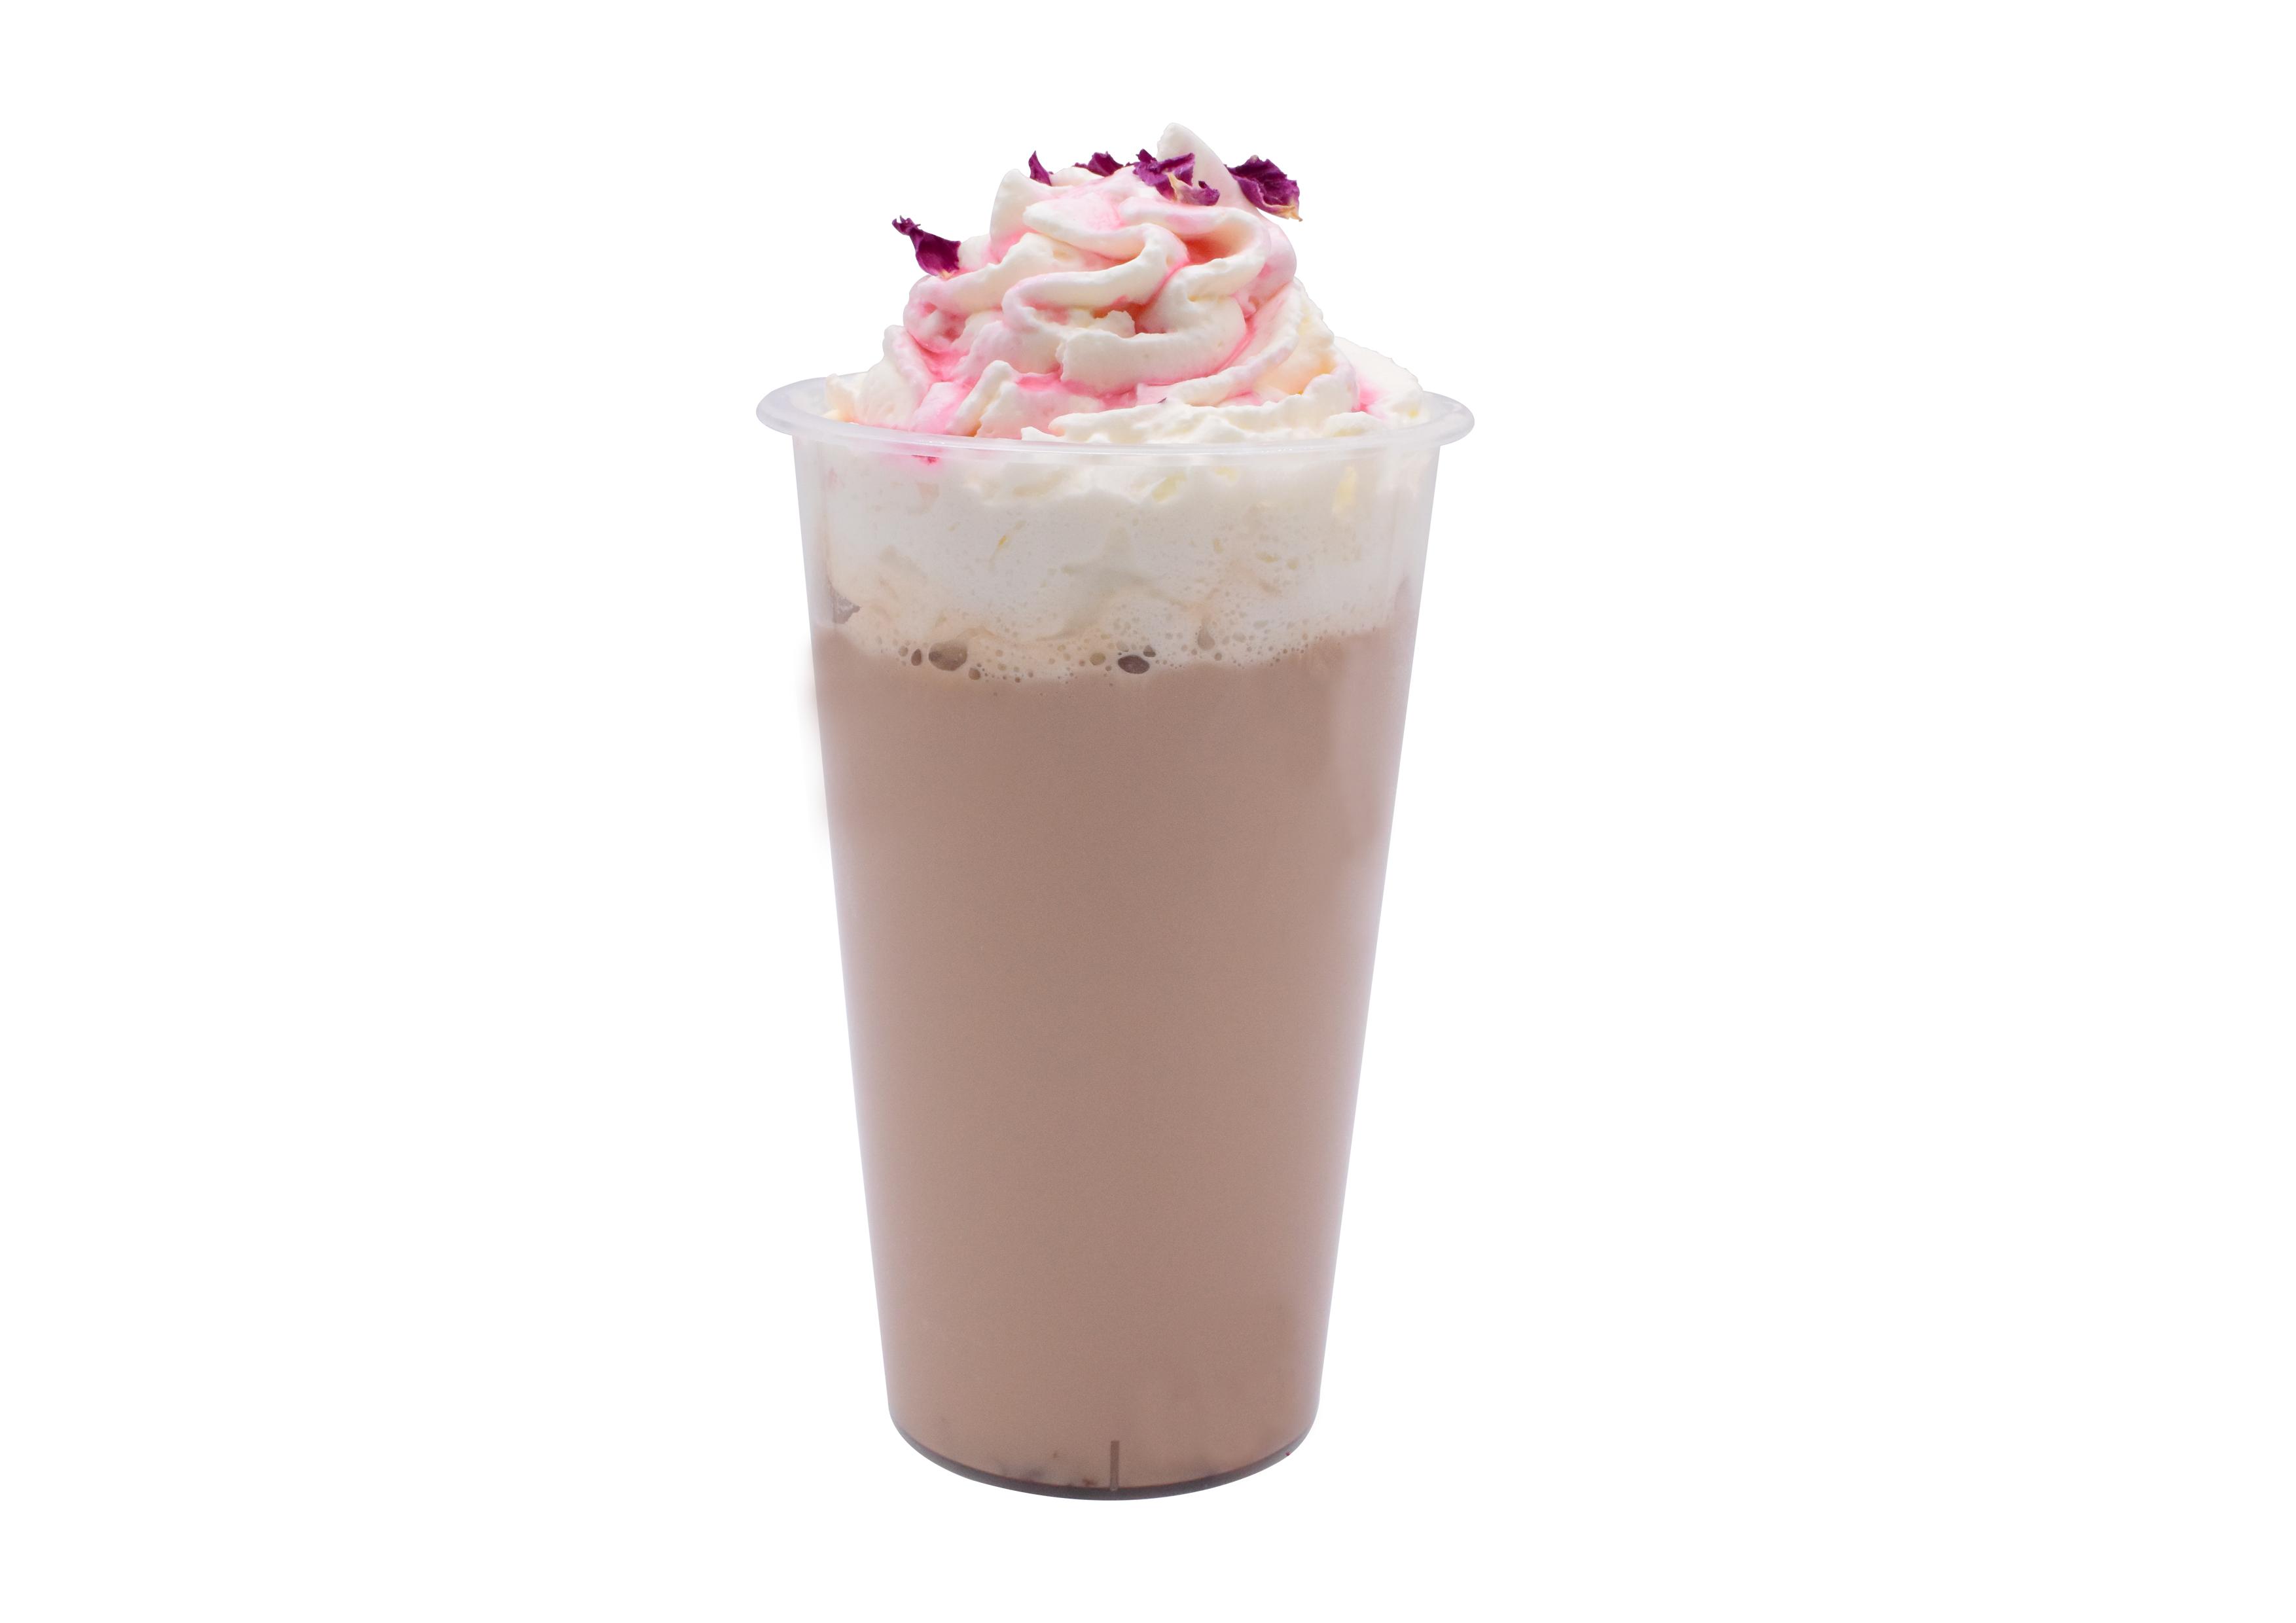 玫瑰牛乳(Rose milk)